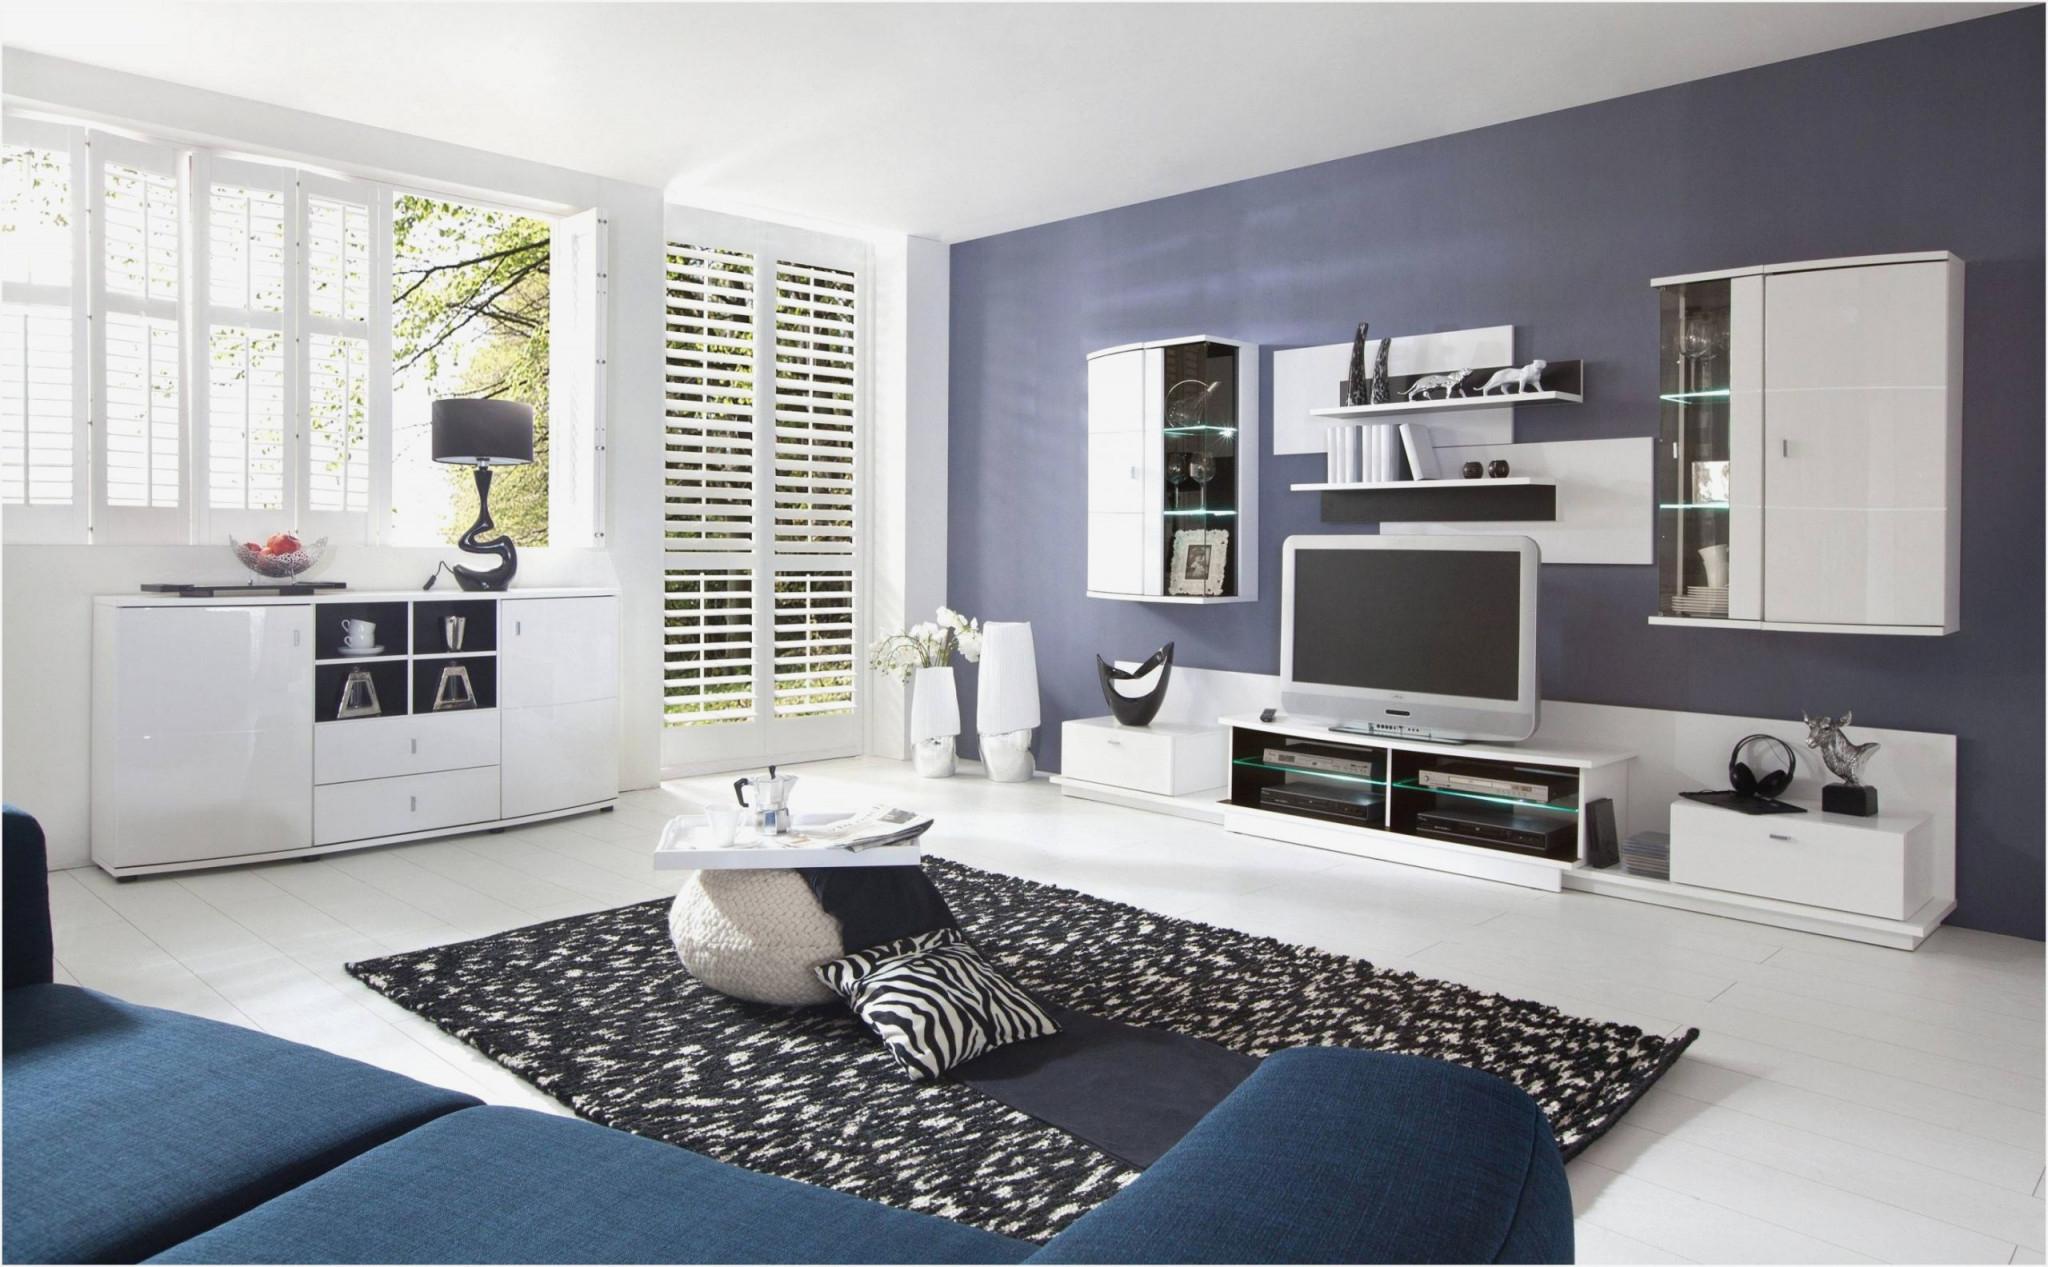 Wohnzimmer Ideen Mit Kernbuche Möbel  Wohnzimmer von Wohnzimmer Ideen Weiße Möbel Bild